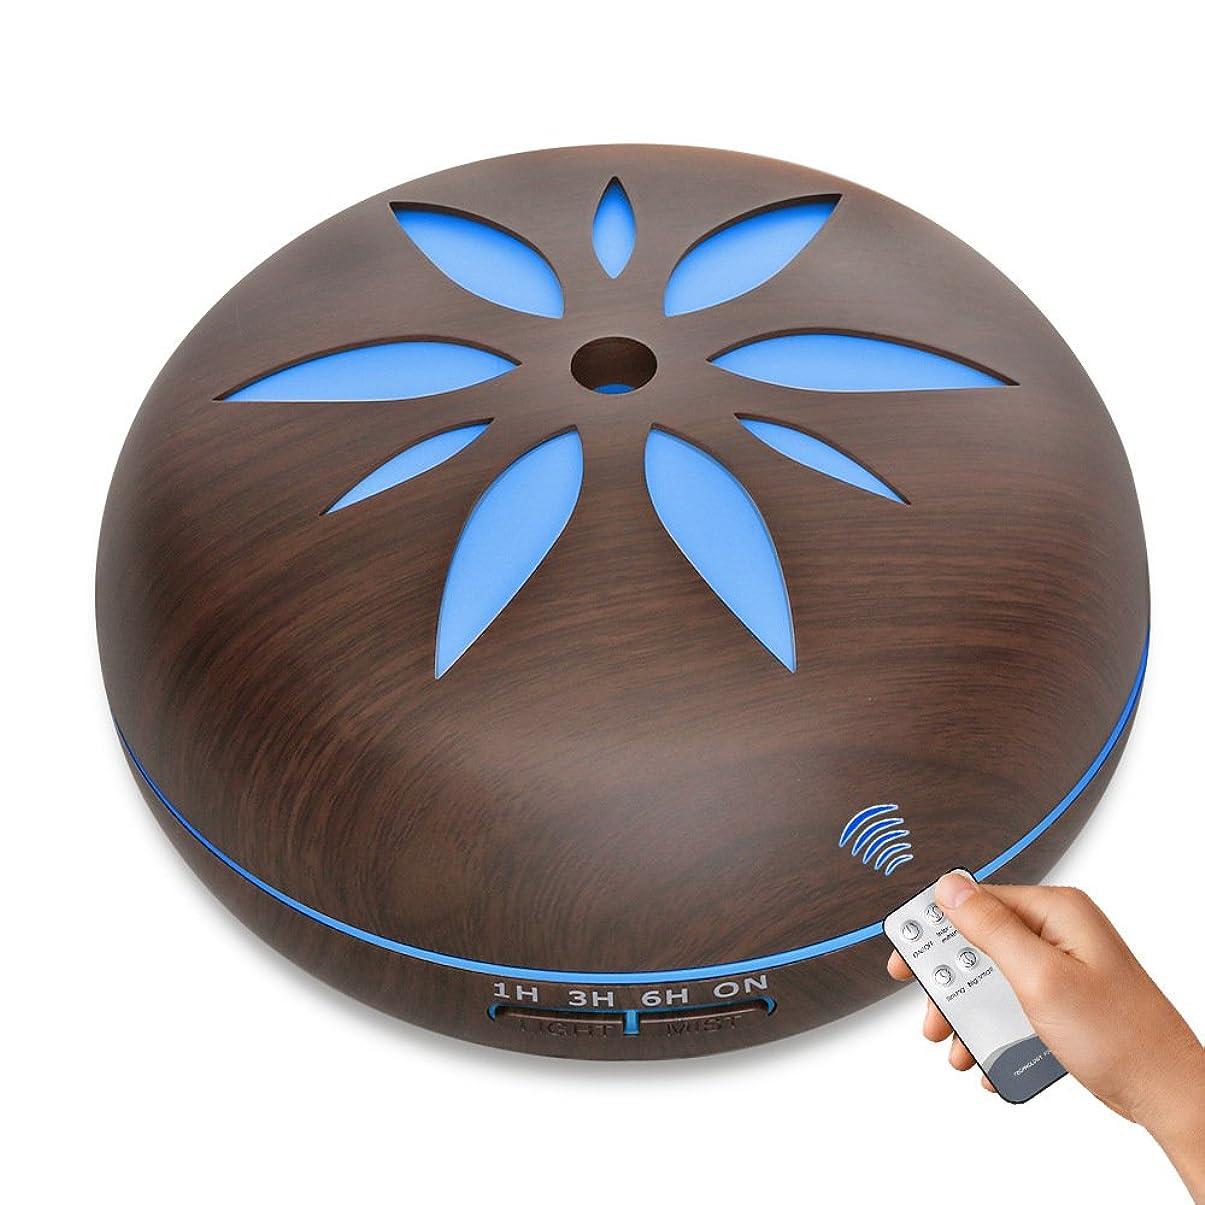 低いエスニック台風加湿器 アロマディフューザー、550mlエッセンシャルオイルディフューザー、フレグランスアトマイザー、アロマセラピーマシン、ヨガスパオフィスファミリーベッドルームリビングルーム研究ベビールームに適しています,Darkwoodgrain